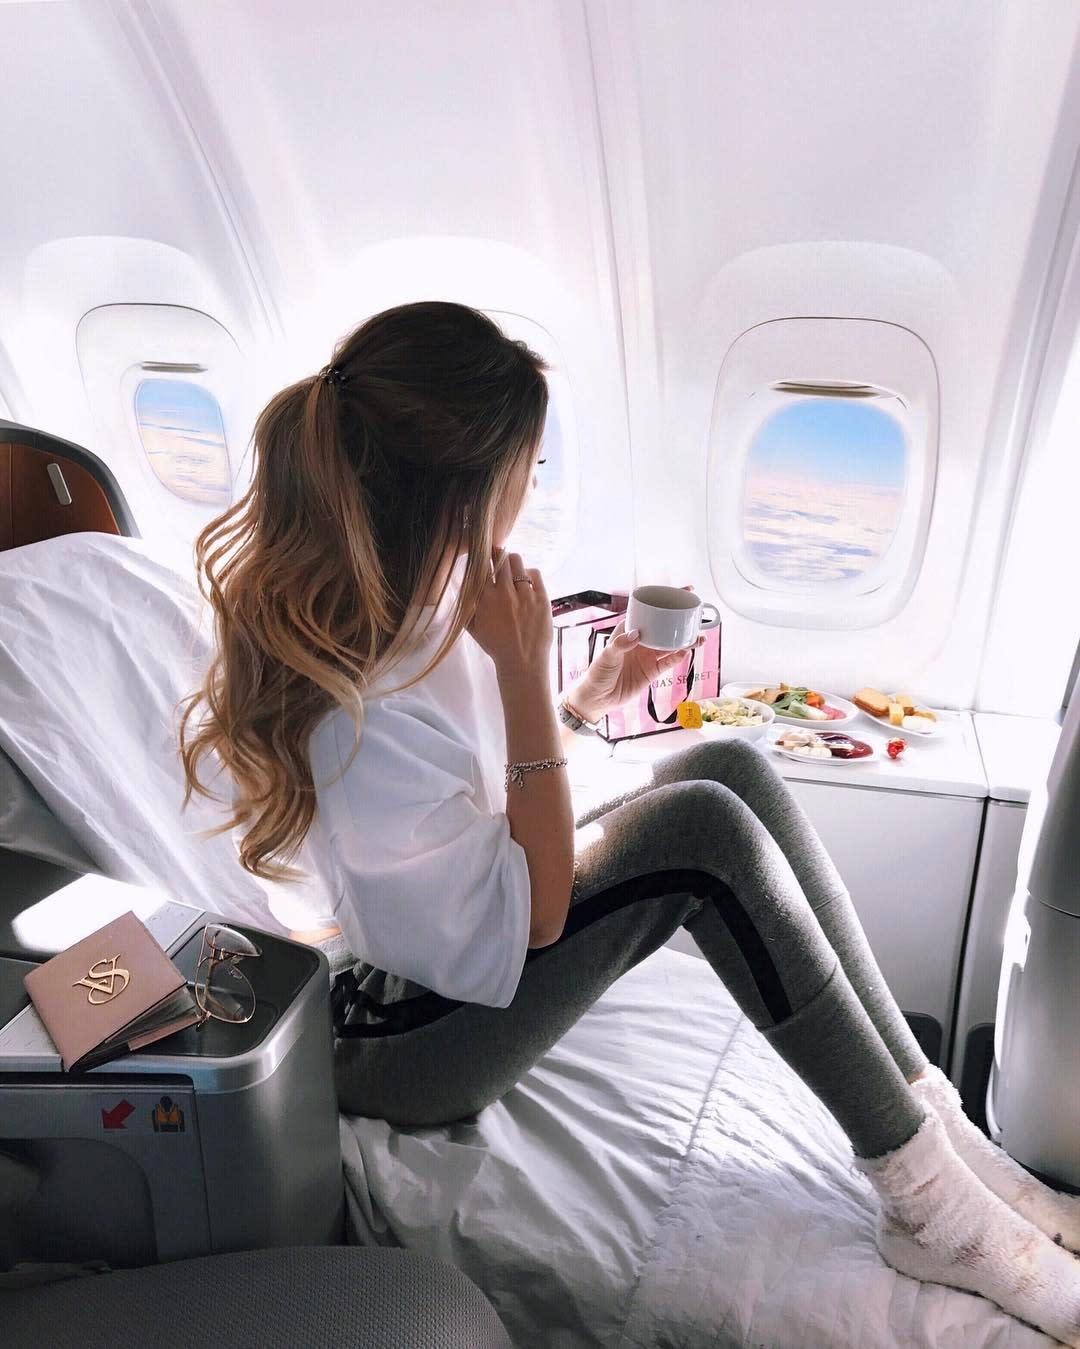 две девки в самолете - 12